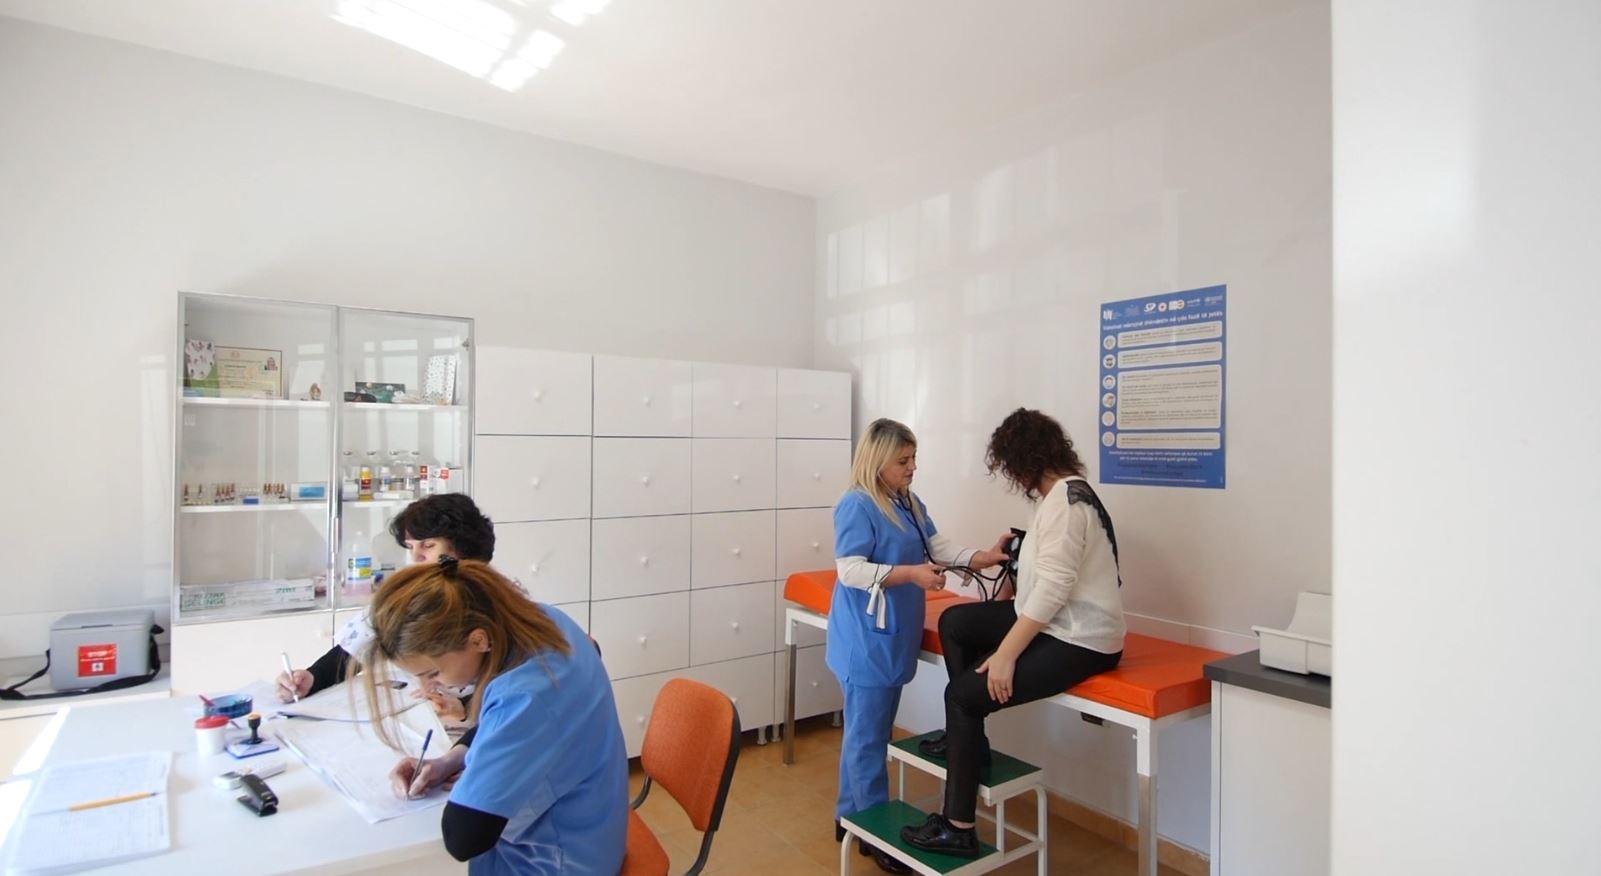 Shërbimet sociale do integrohen në qendrat shëndetësore